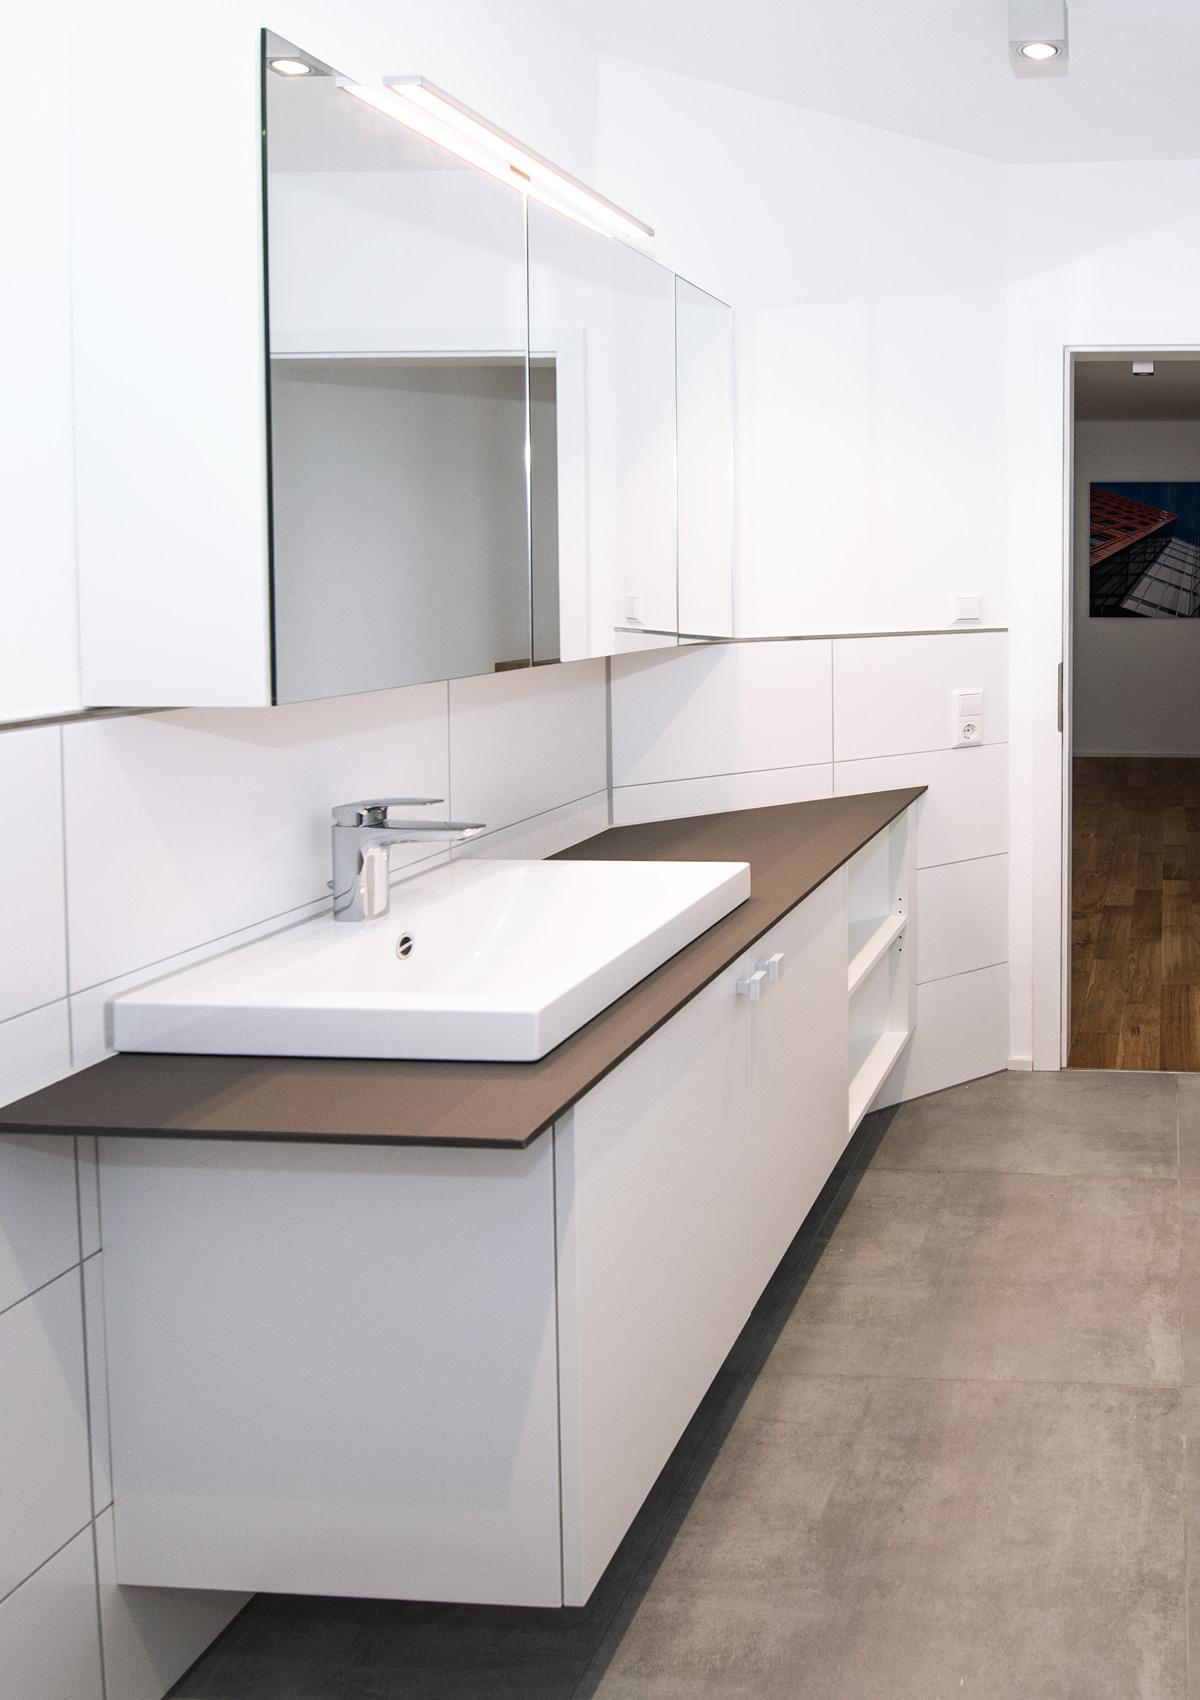 EinbauSchrankwand Badezimmer Mit Spiegelschrank Reiner Knabl - Badezimmer einbauschrank